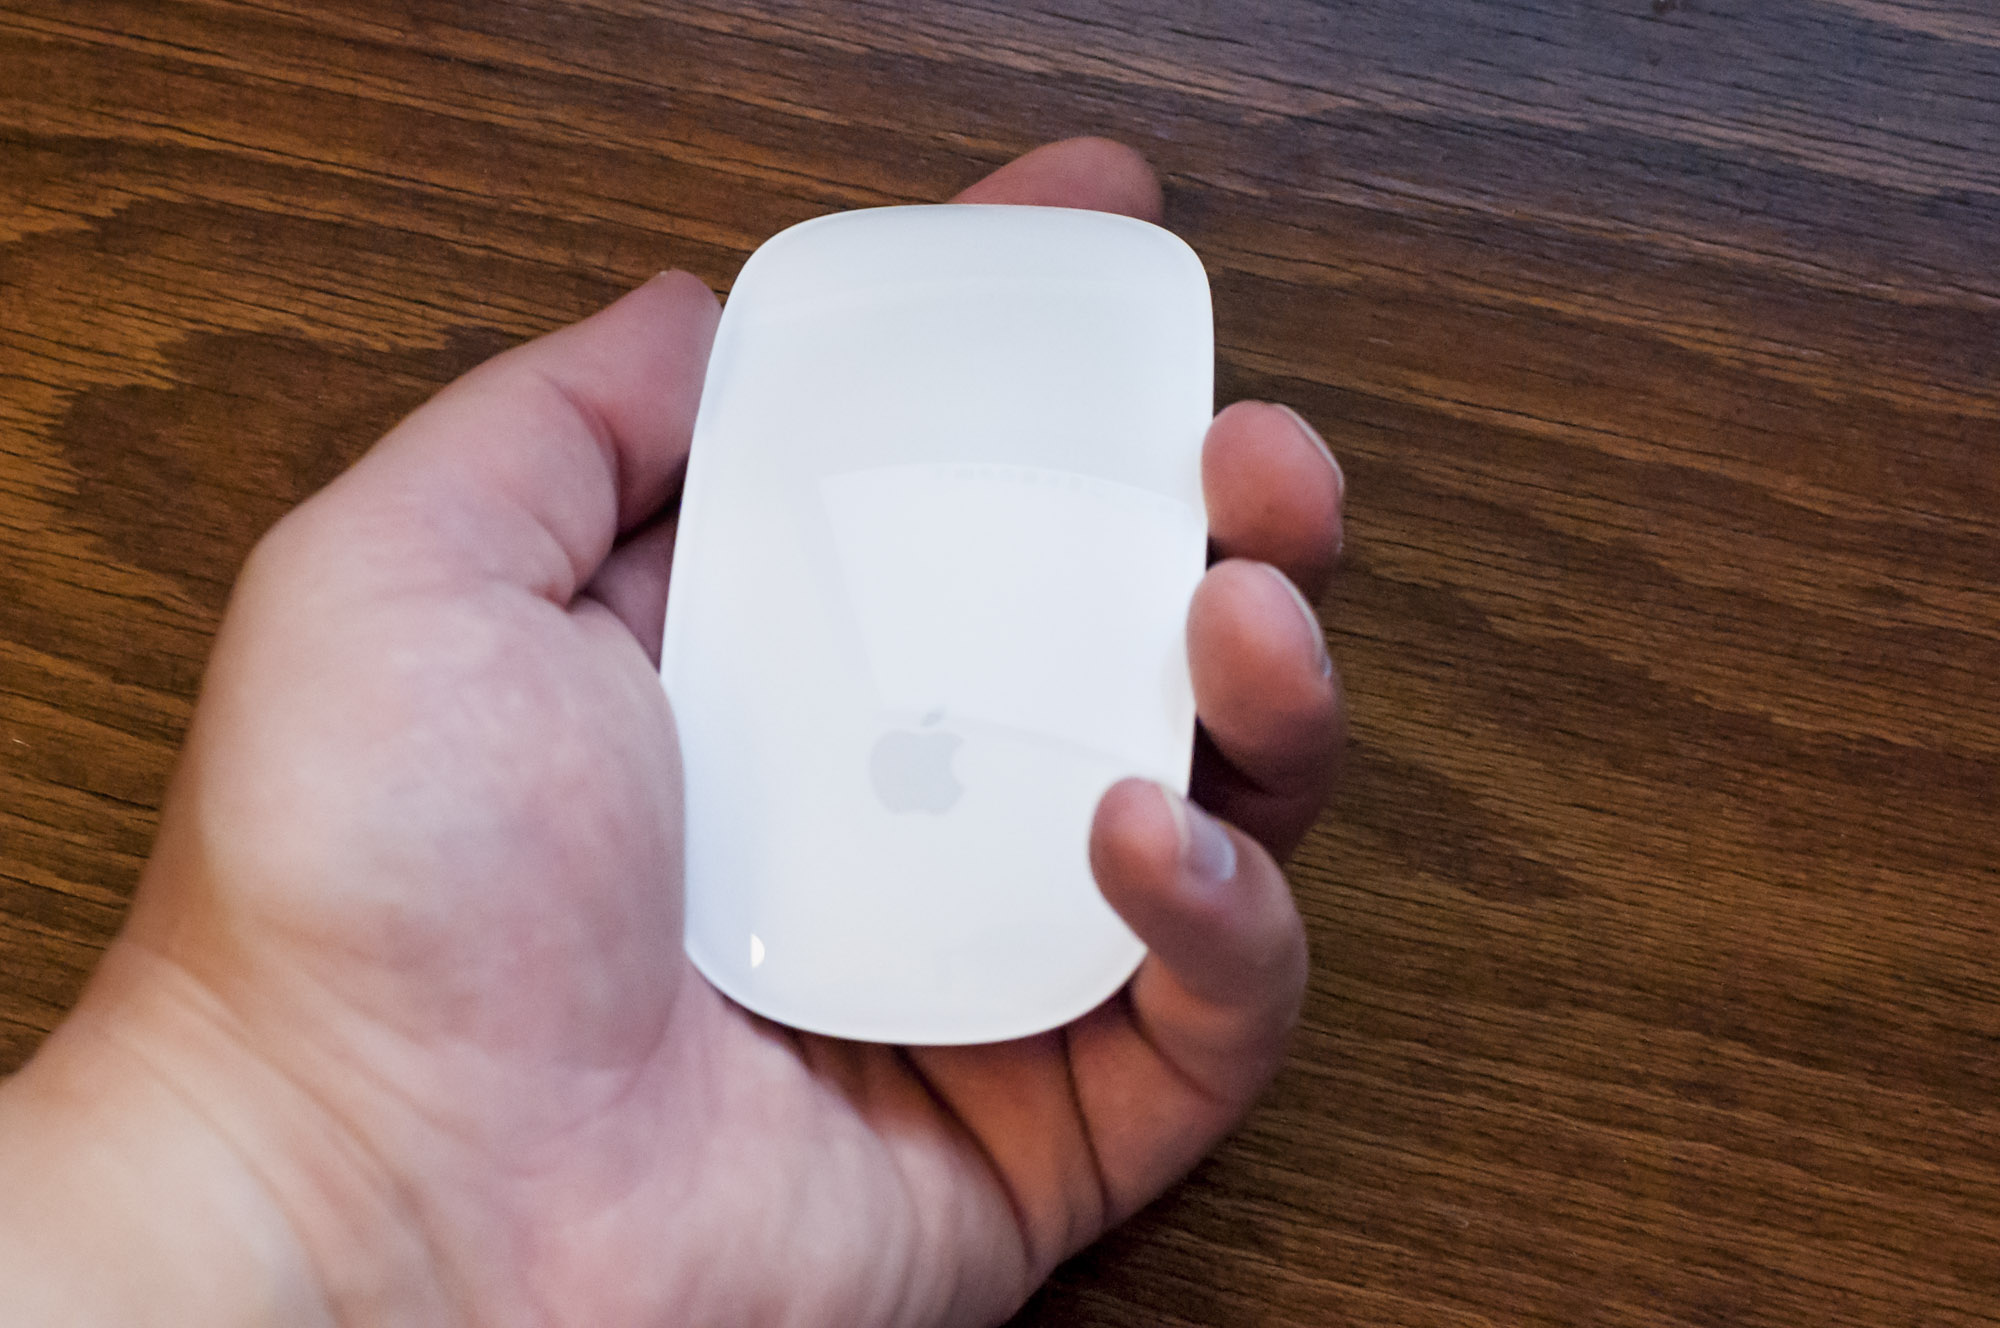 Meglio laser o ottico? Apple Magic mouse 2